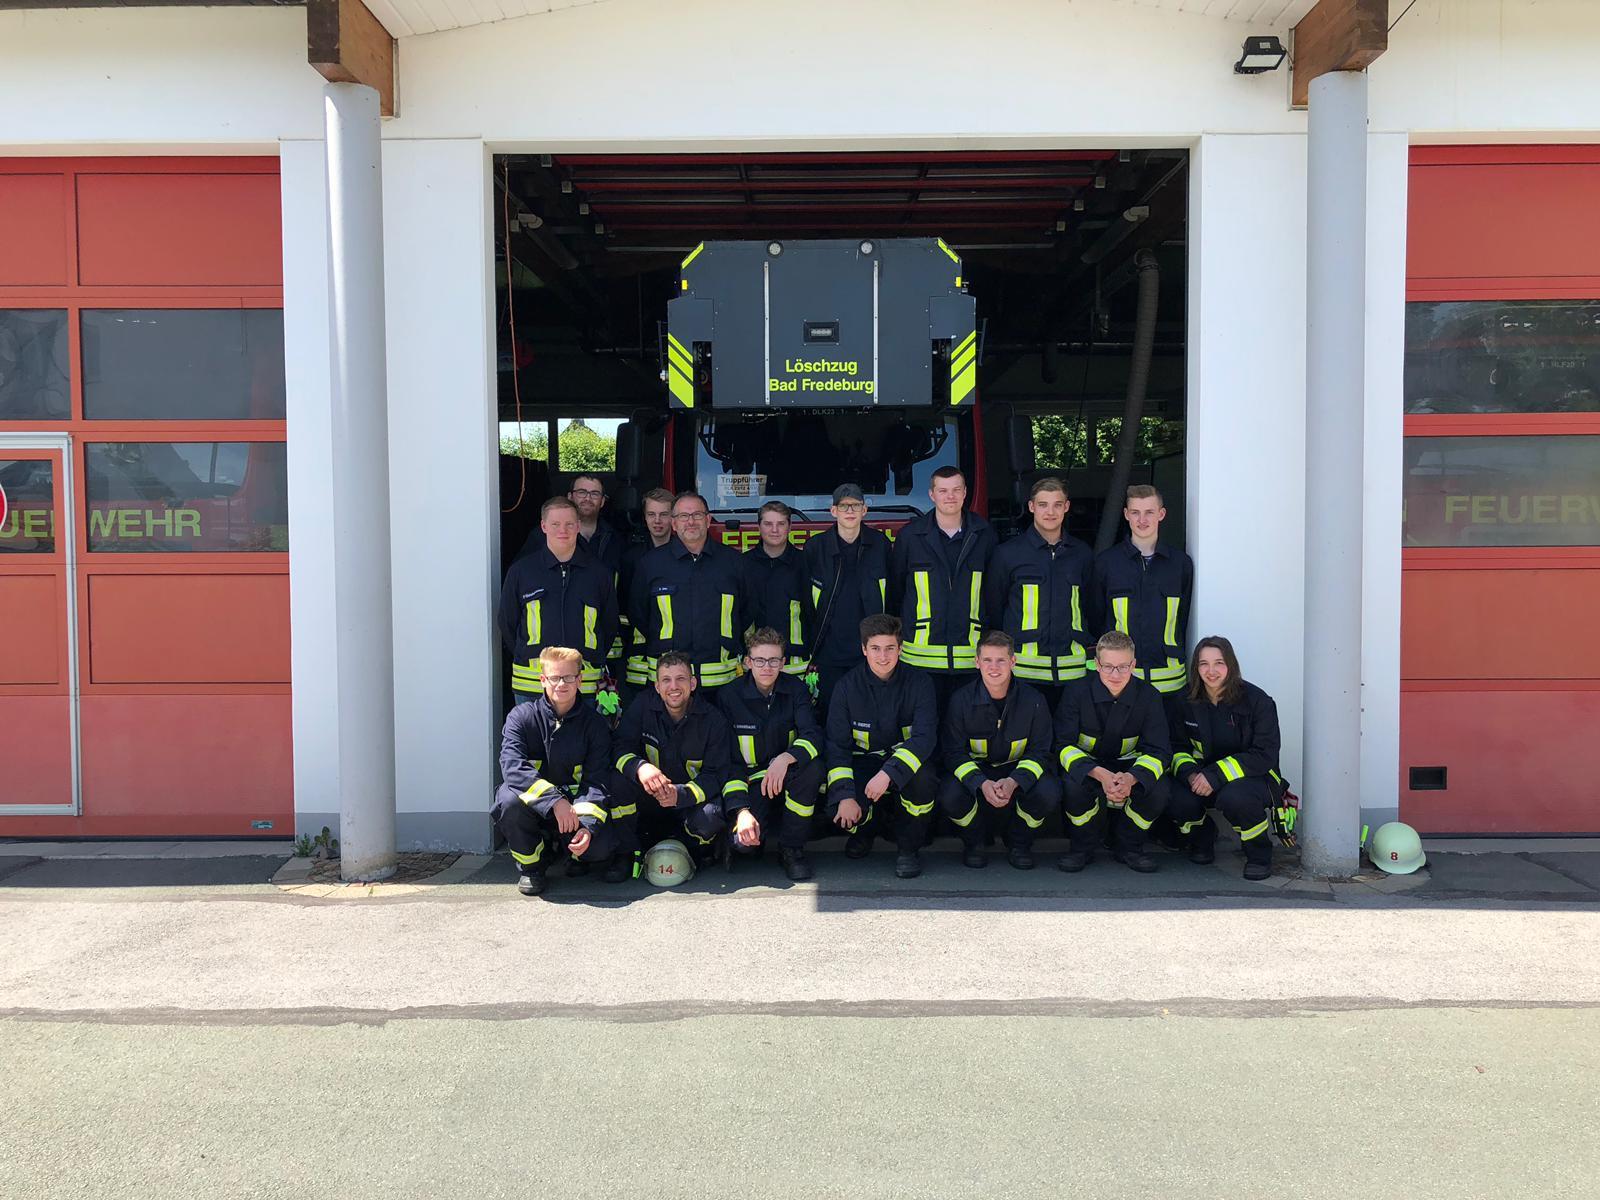 Grundlehrgang erfolgreich absolviert – die Bürger der Stadt brauchen die jungen Feuerwehrleute